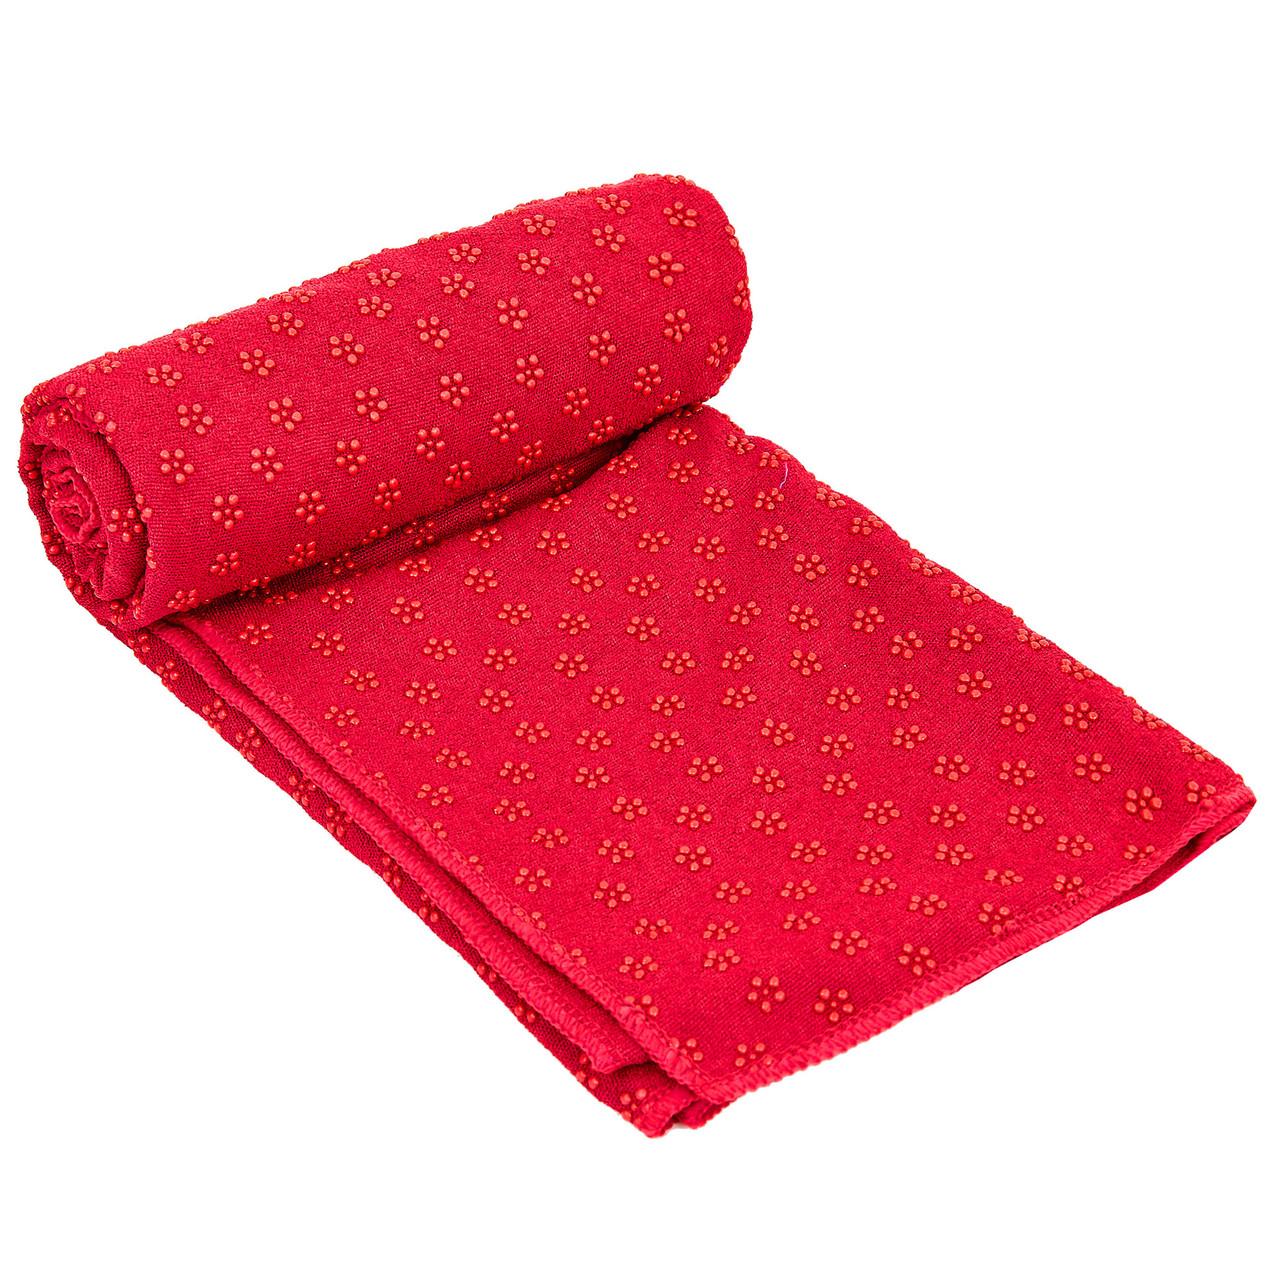 Йога рушник (килимок для йоги) Zelart FI-4938 (розмір 1,83мх0,63м, мікрофібра, силікон, кольори в асортименті)